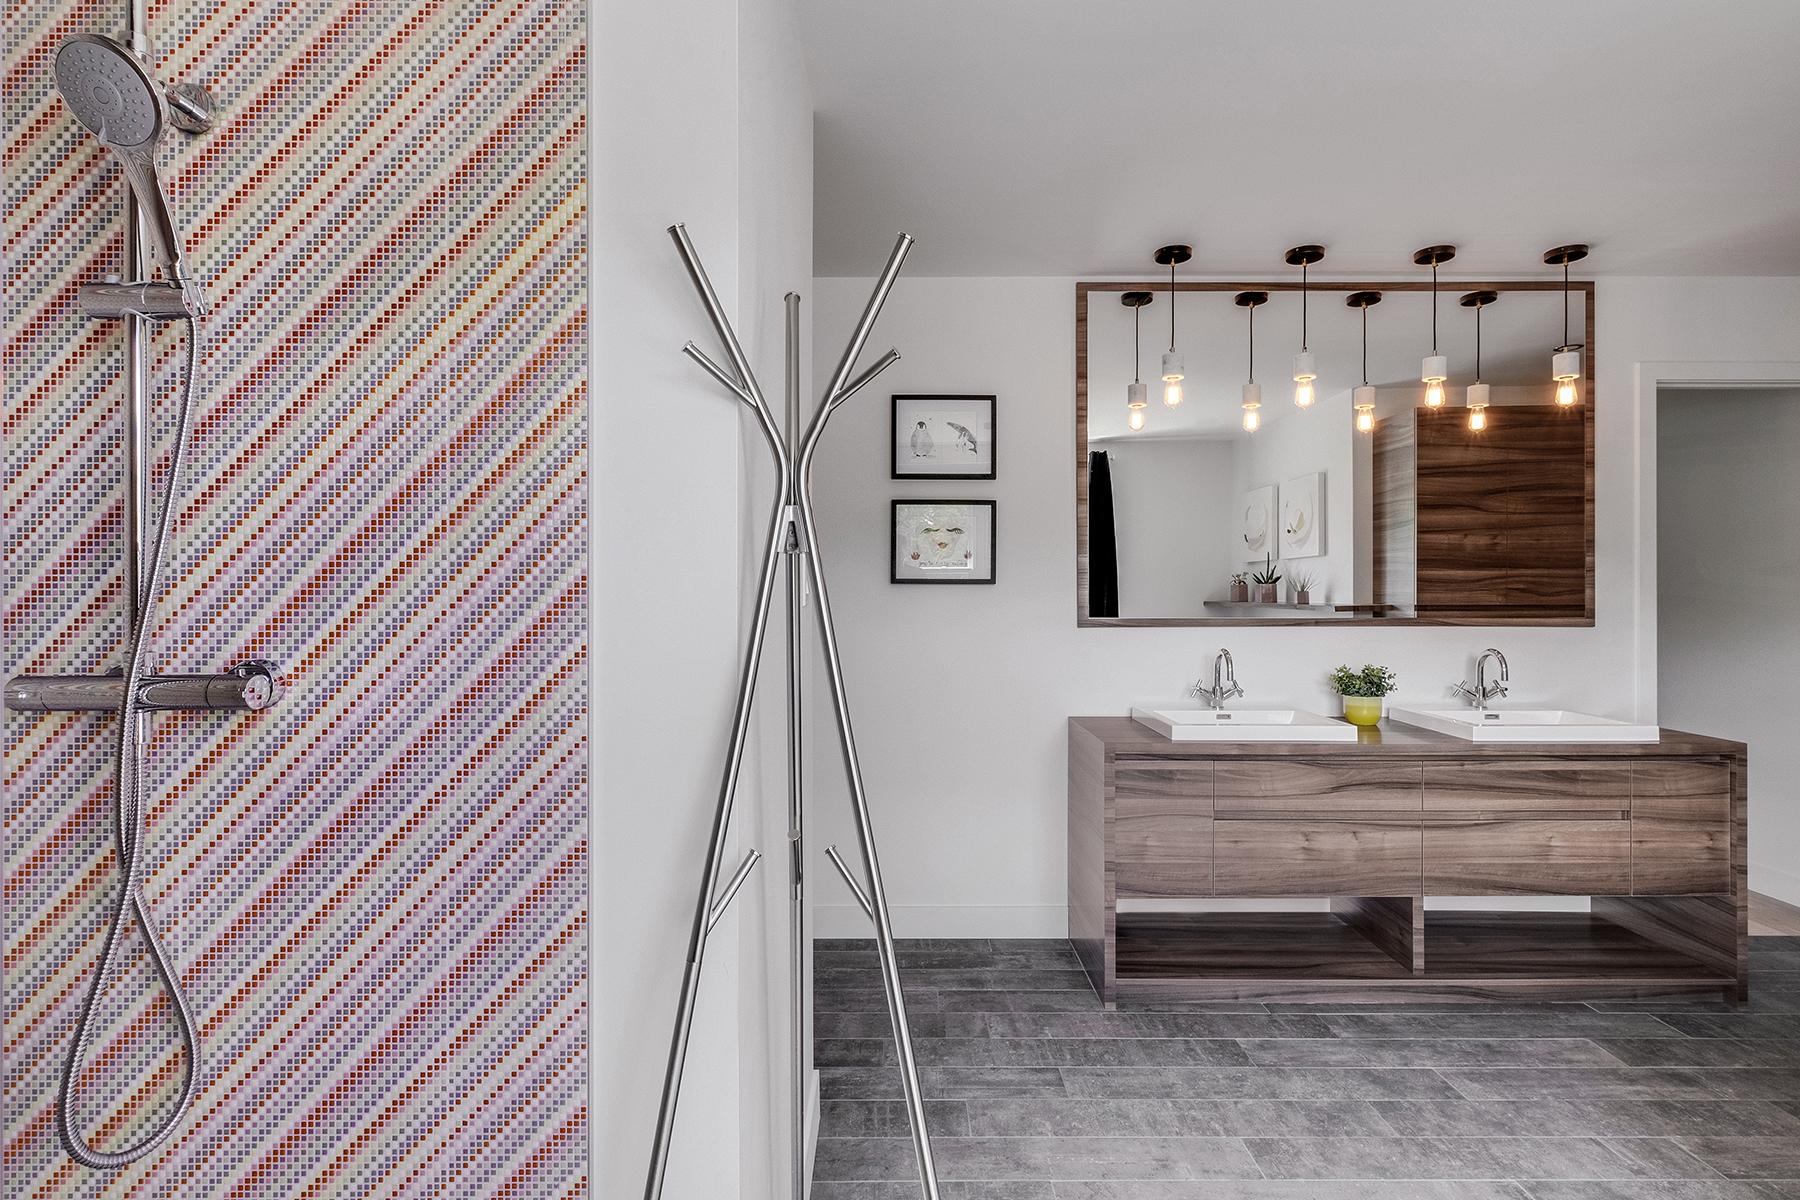 salle de bain2_modif_web